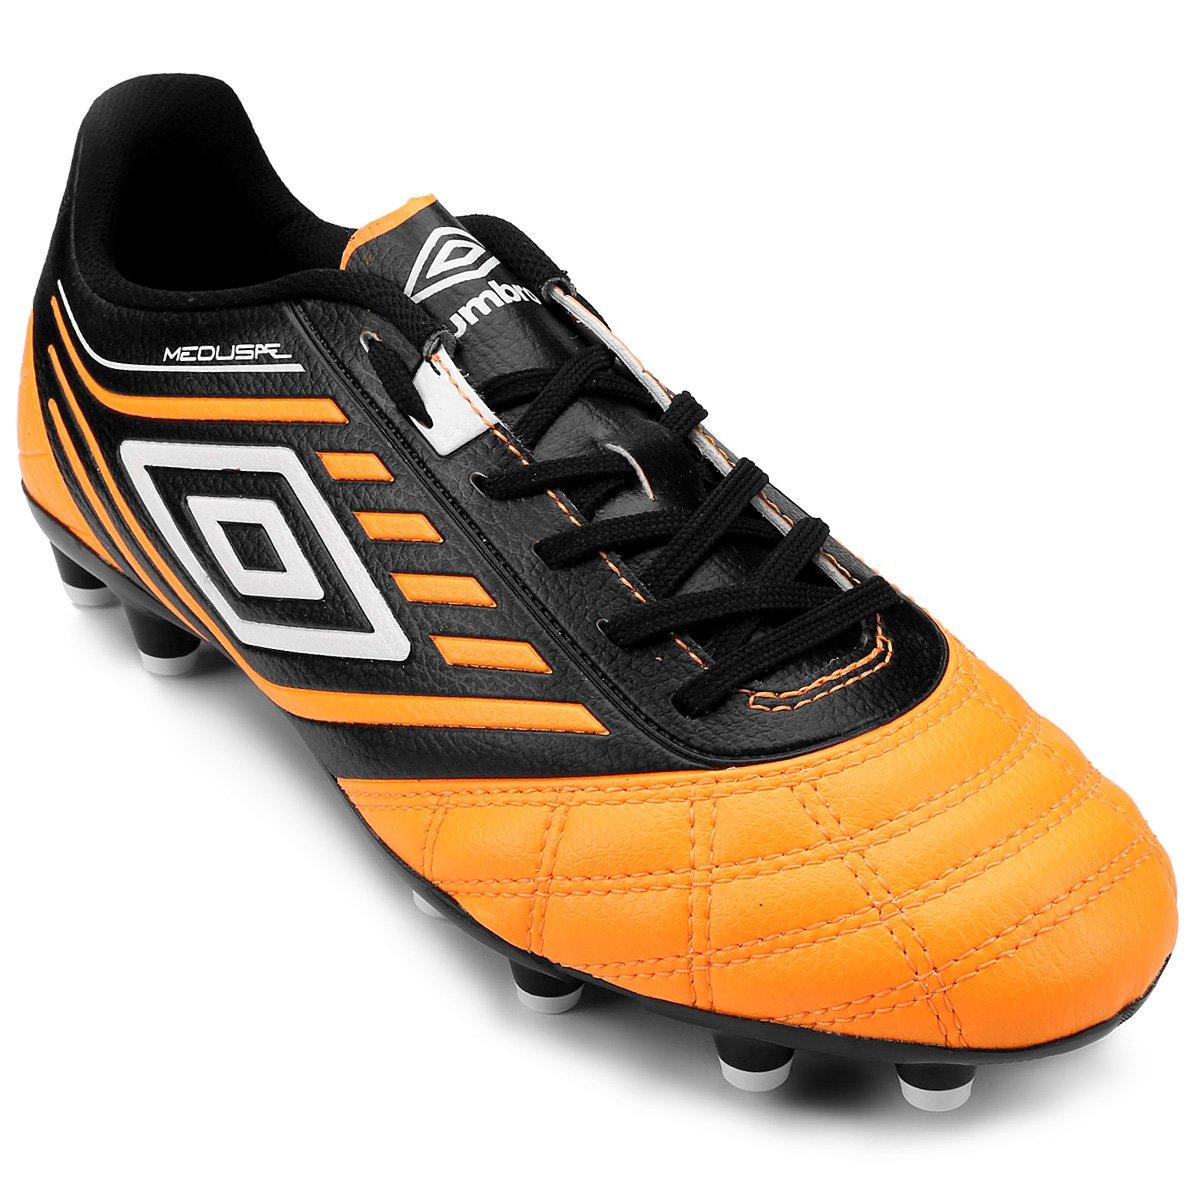 FornecedorNetshoes. Chuteira Campo Umbro Medusae Club cb87528daac4f